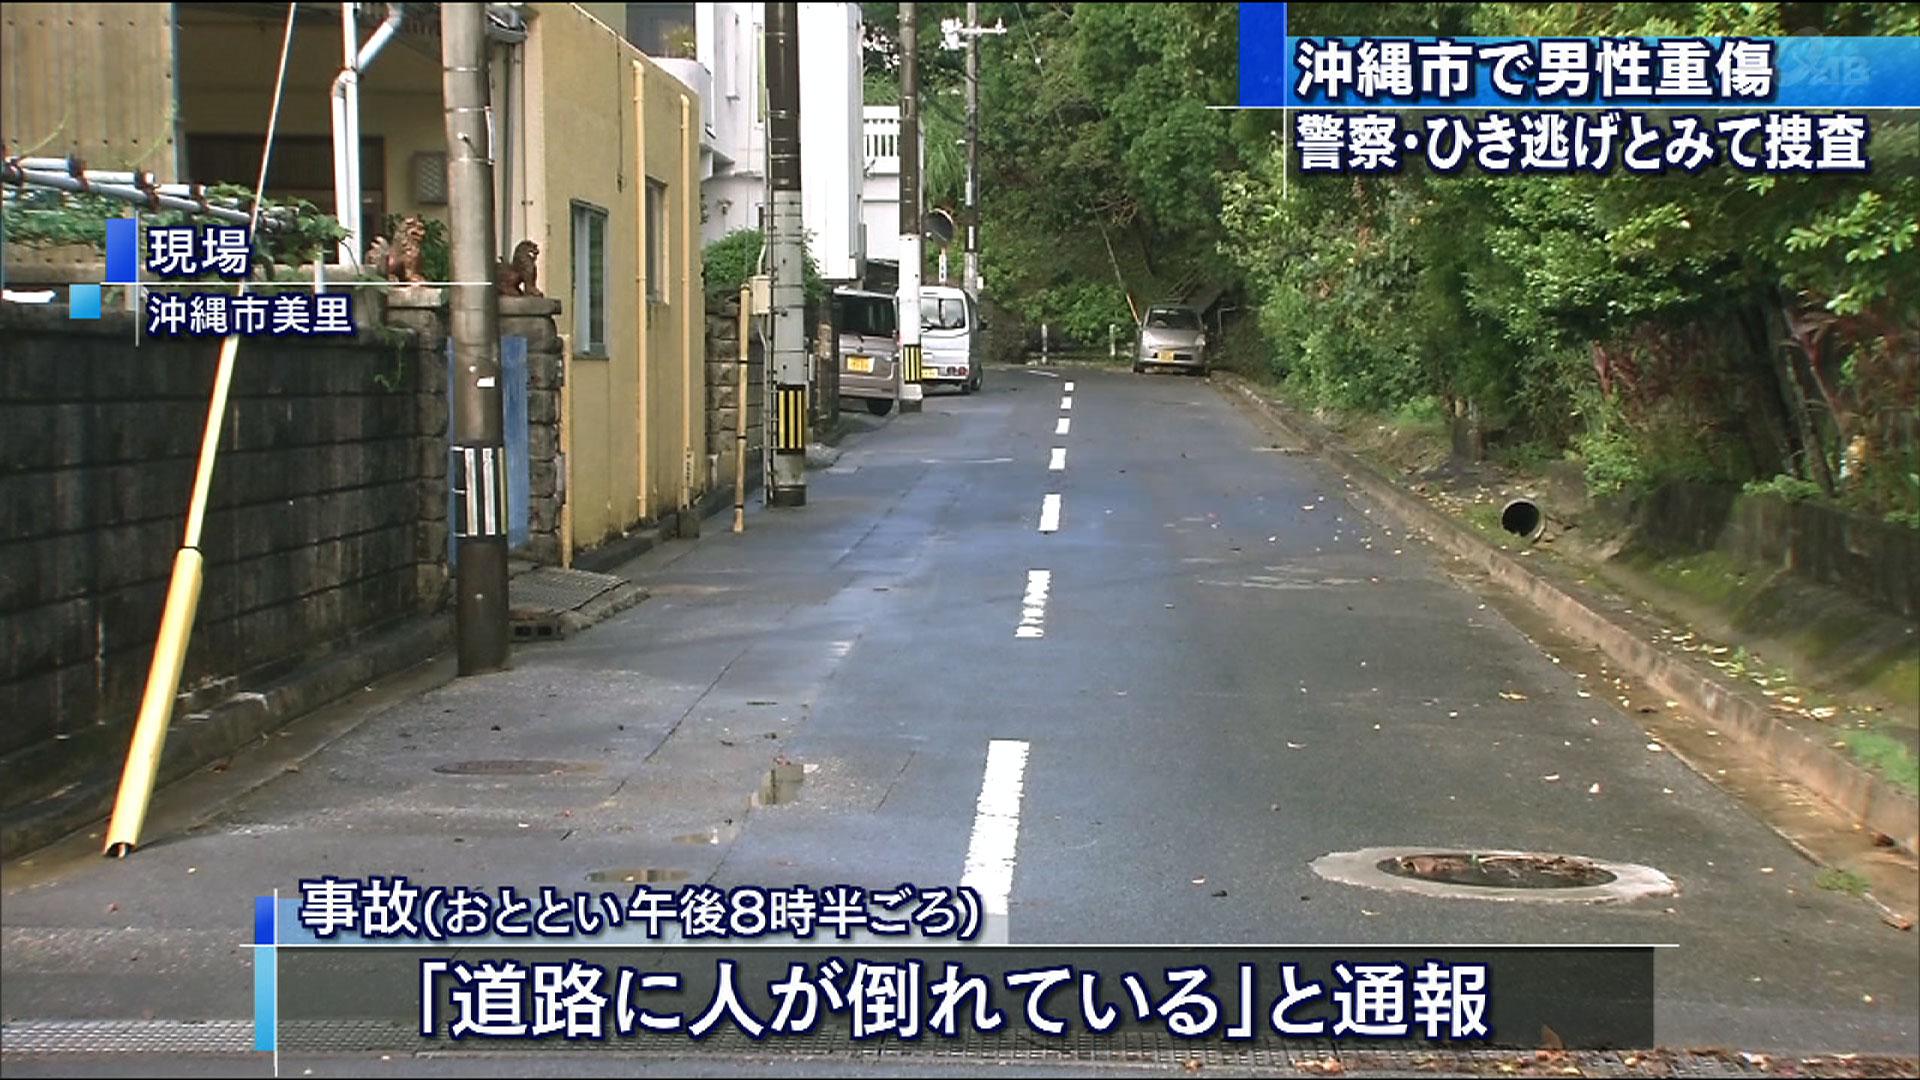 沖縄市でひき逃げか?